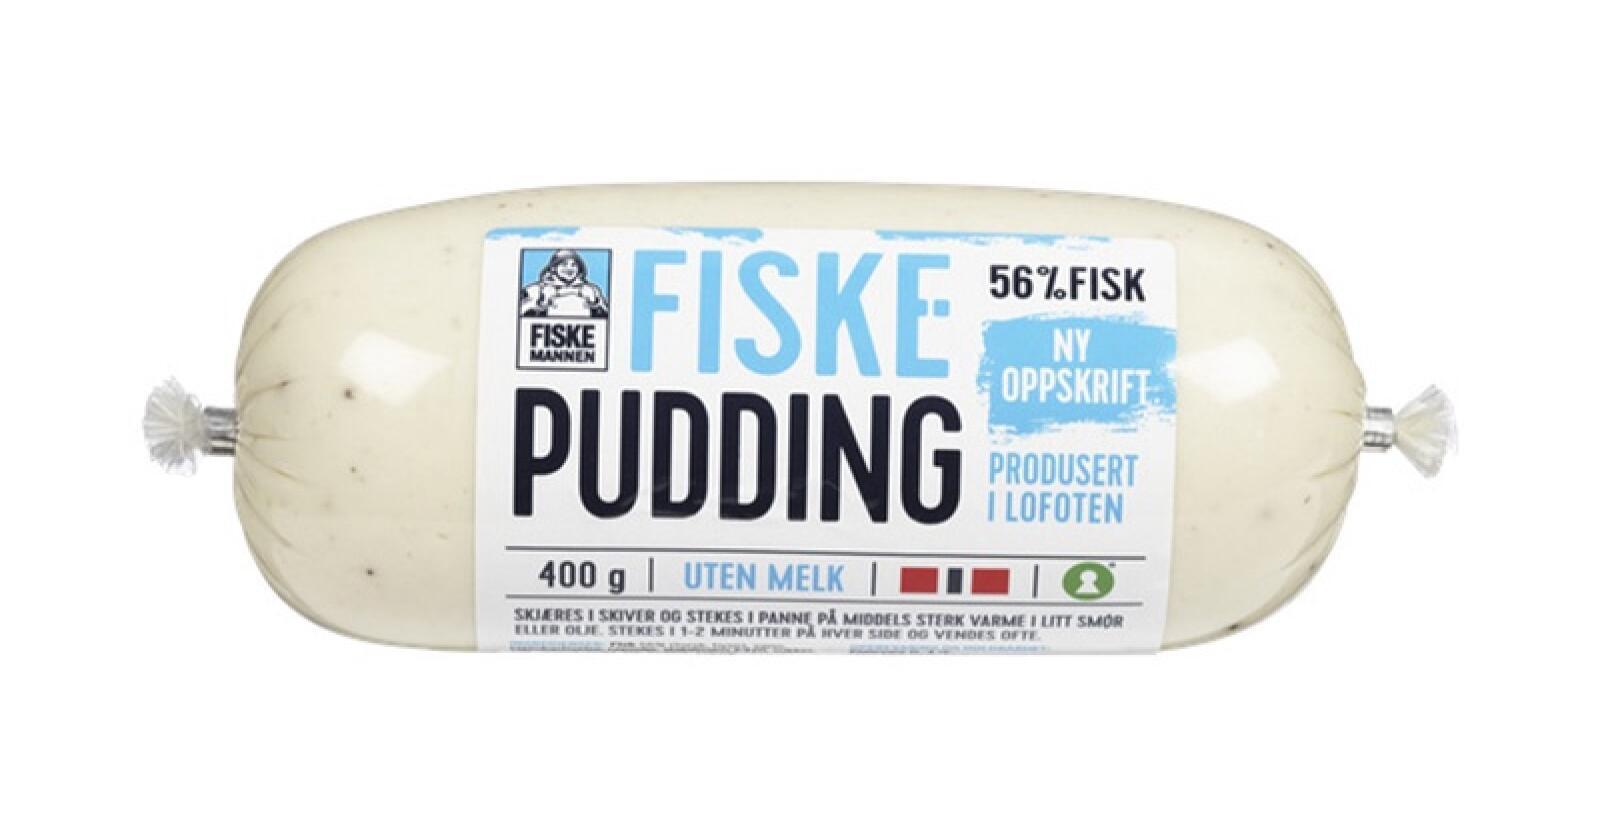 Unil tilbakekaller Fiskemannen Fiskepudding uten melk med holdbarhet 30. september 2021, da produktet kan inneholde spor av melk.Foto: Unil / NTB